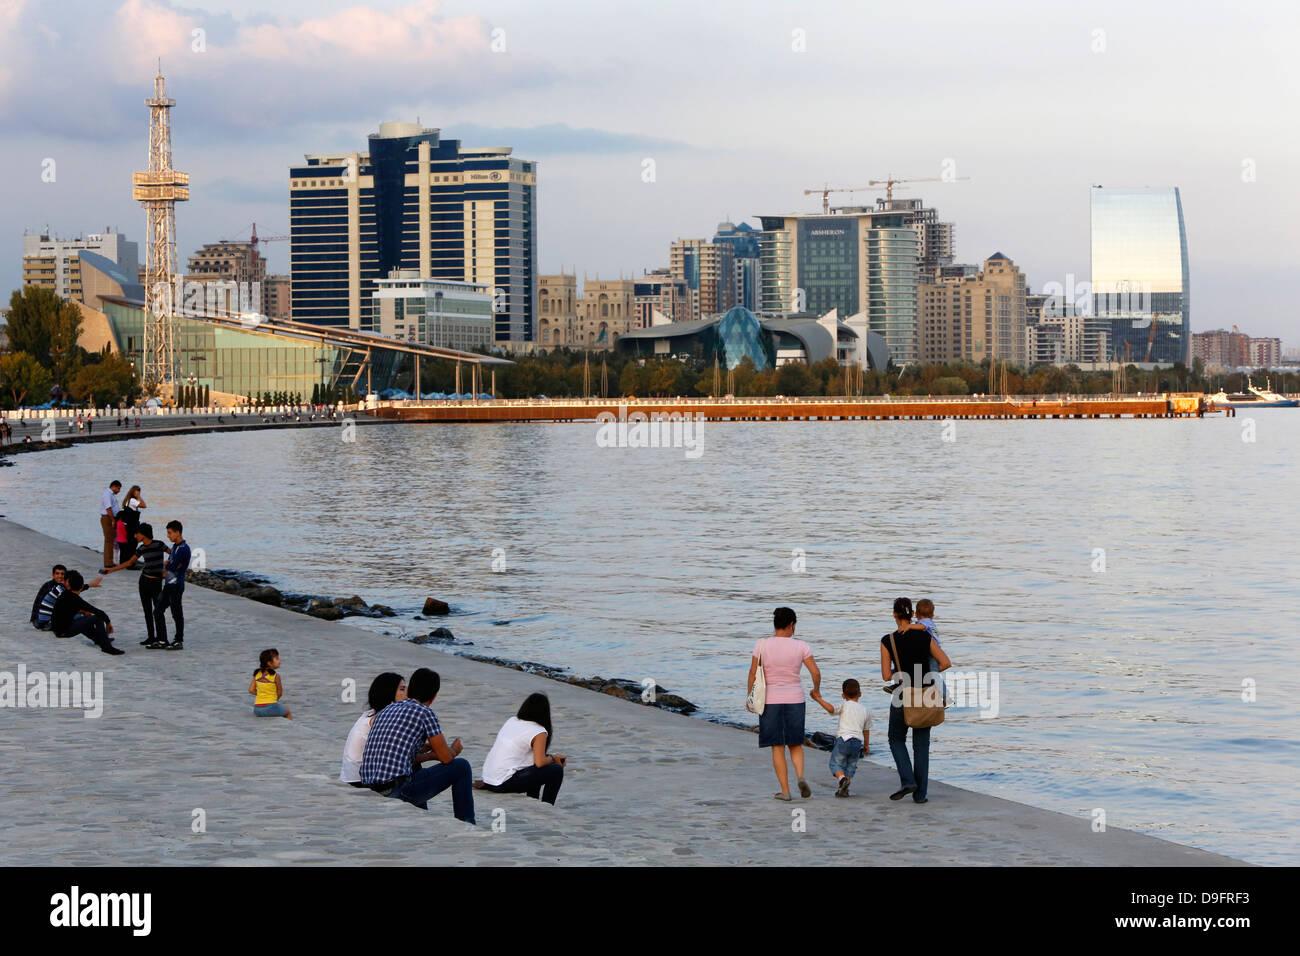 Baku Boulevard, eine Promenade, die parallel zum Kaspischen Meer, Baku, Aserbaidschan, Zentralasien Stockbild